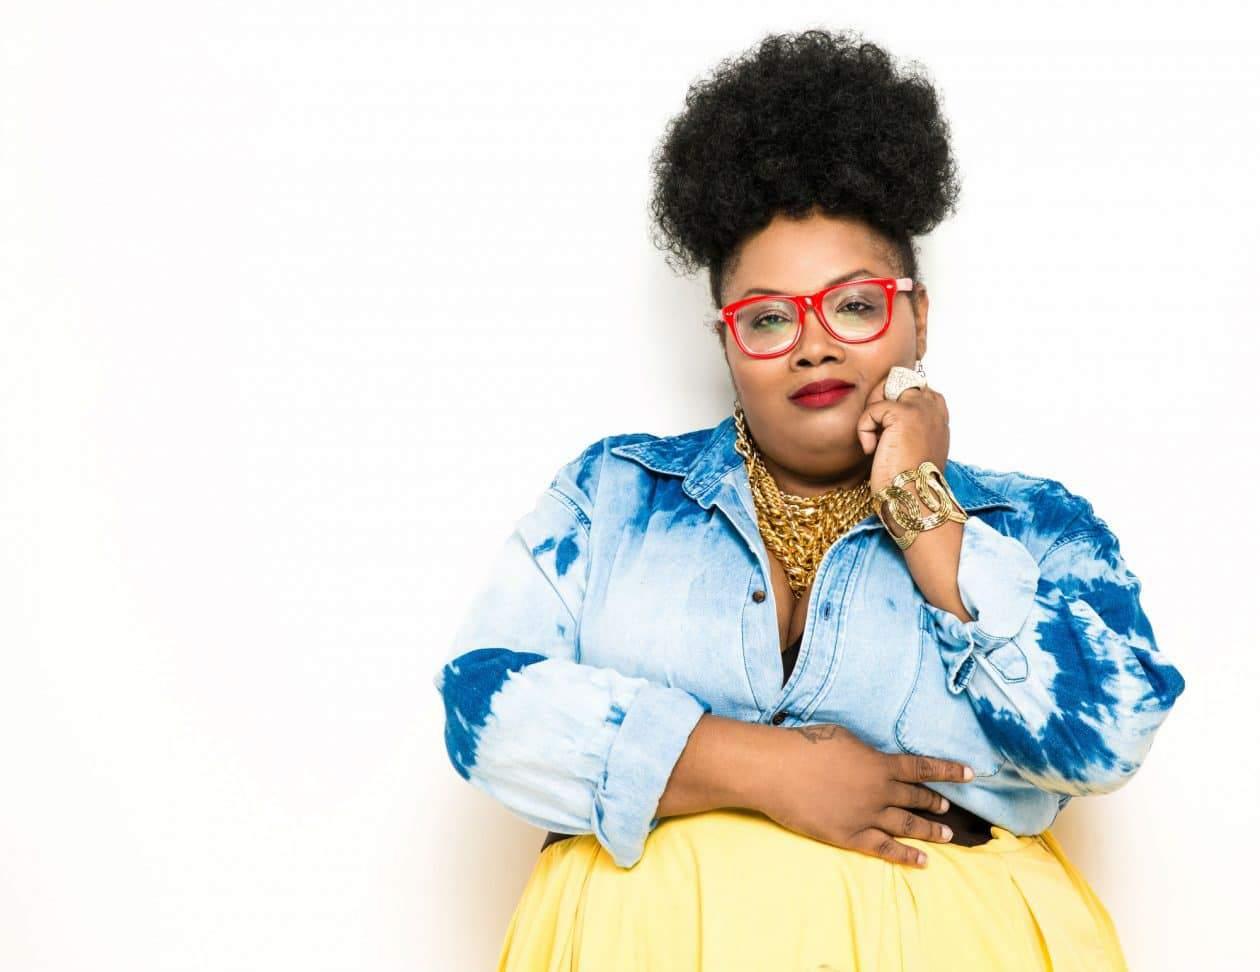 Maui Bigelow of Phat Girl Fresh talks about FFFWeek on The Curvy Fashionista